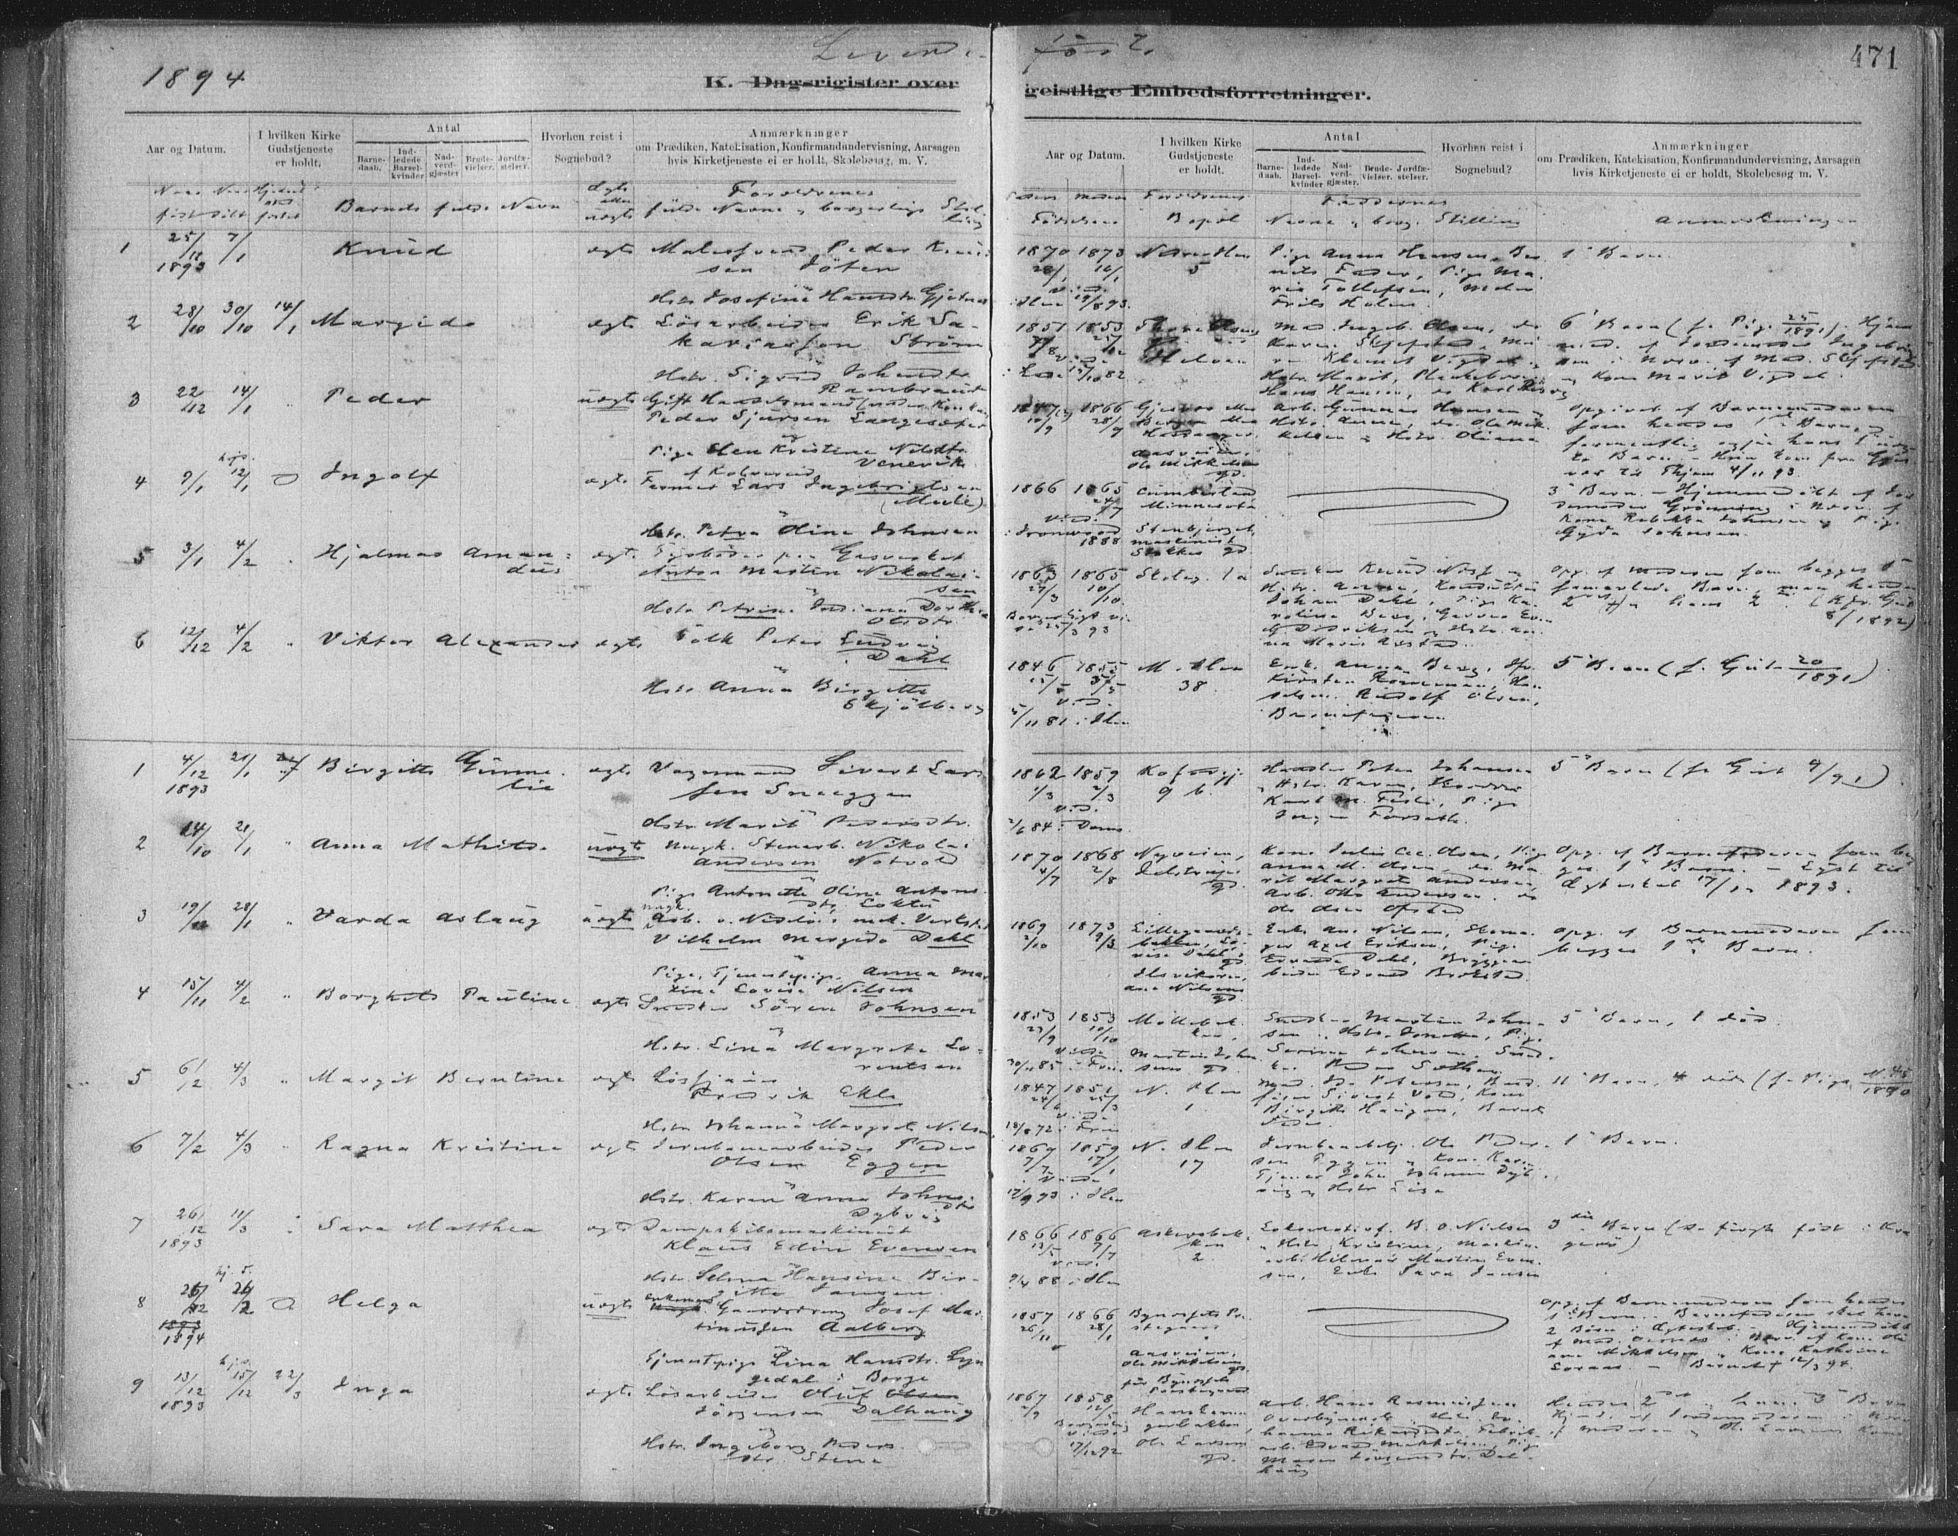 SAT, Ministerialprotokoller, klokkerbøker og fødselsregistre - Sør-Trøndelag, 603/L0163: Ministerialbok nr. 603A02, 1879-1895, s. 471